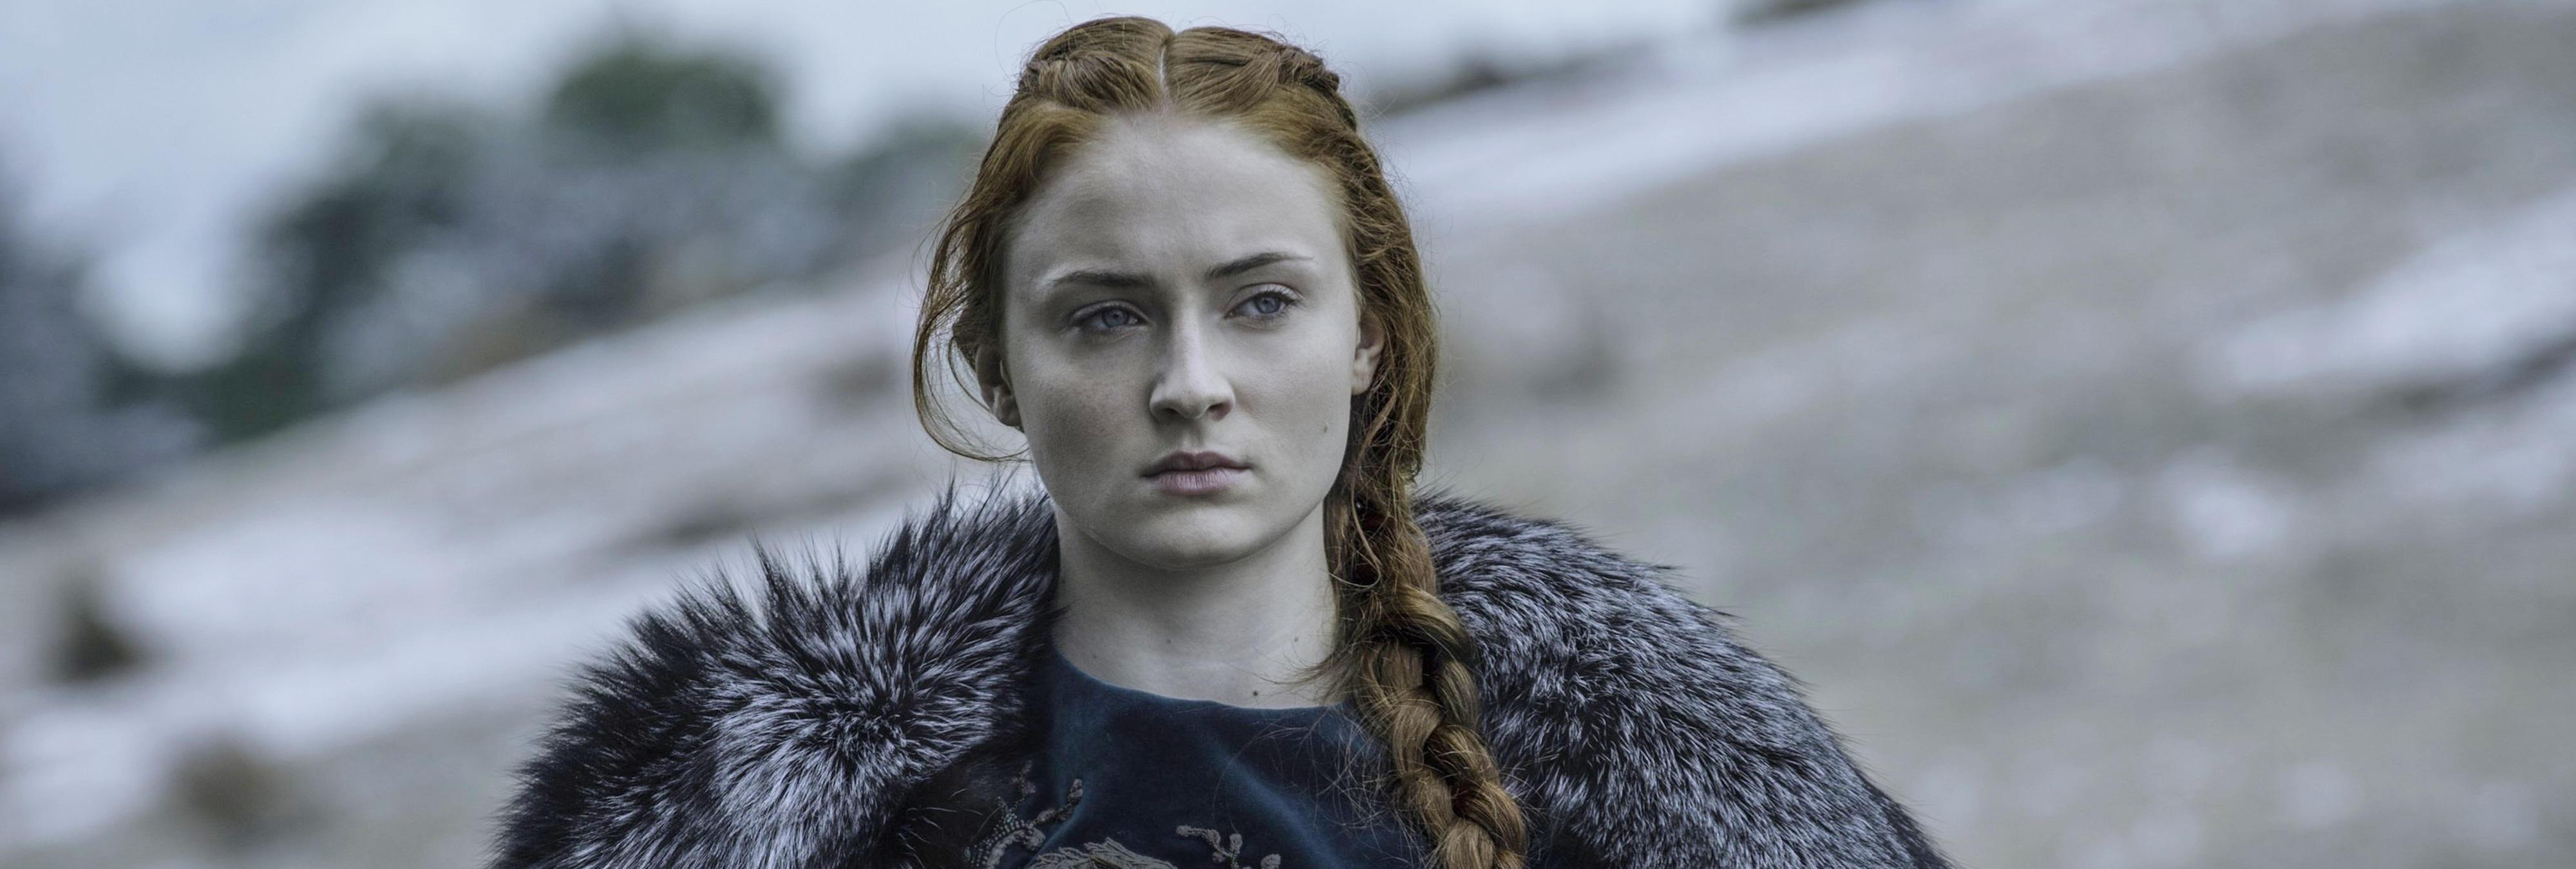 8 razones por las que Sansa Stark se merece el Trono de Hierro en 'Juego de Tronos'